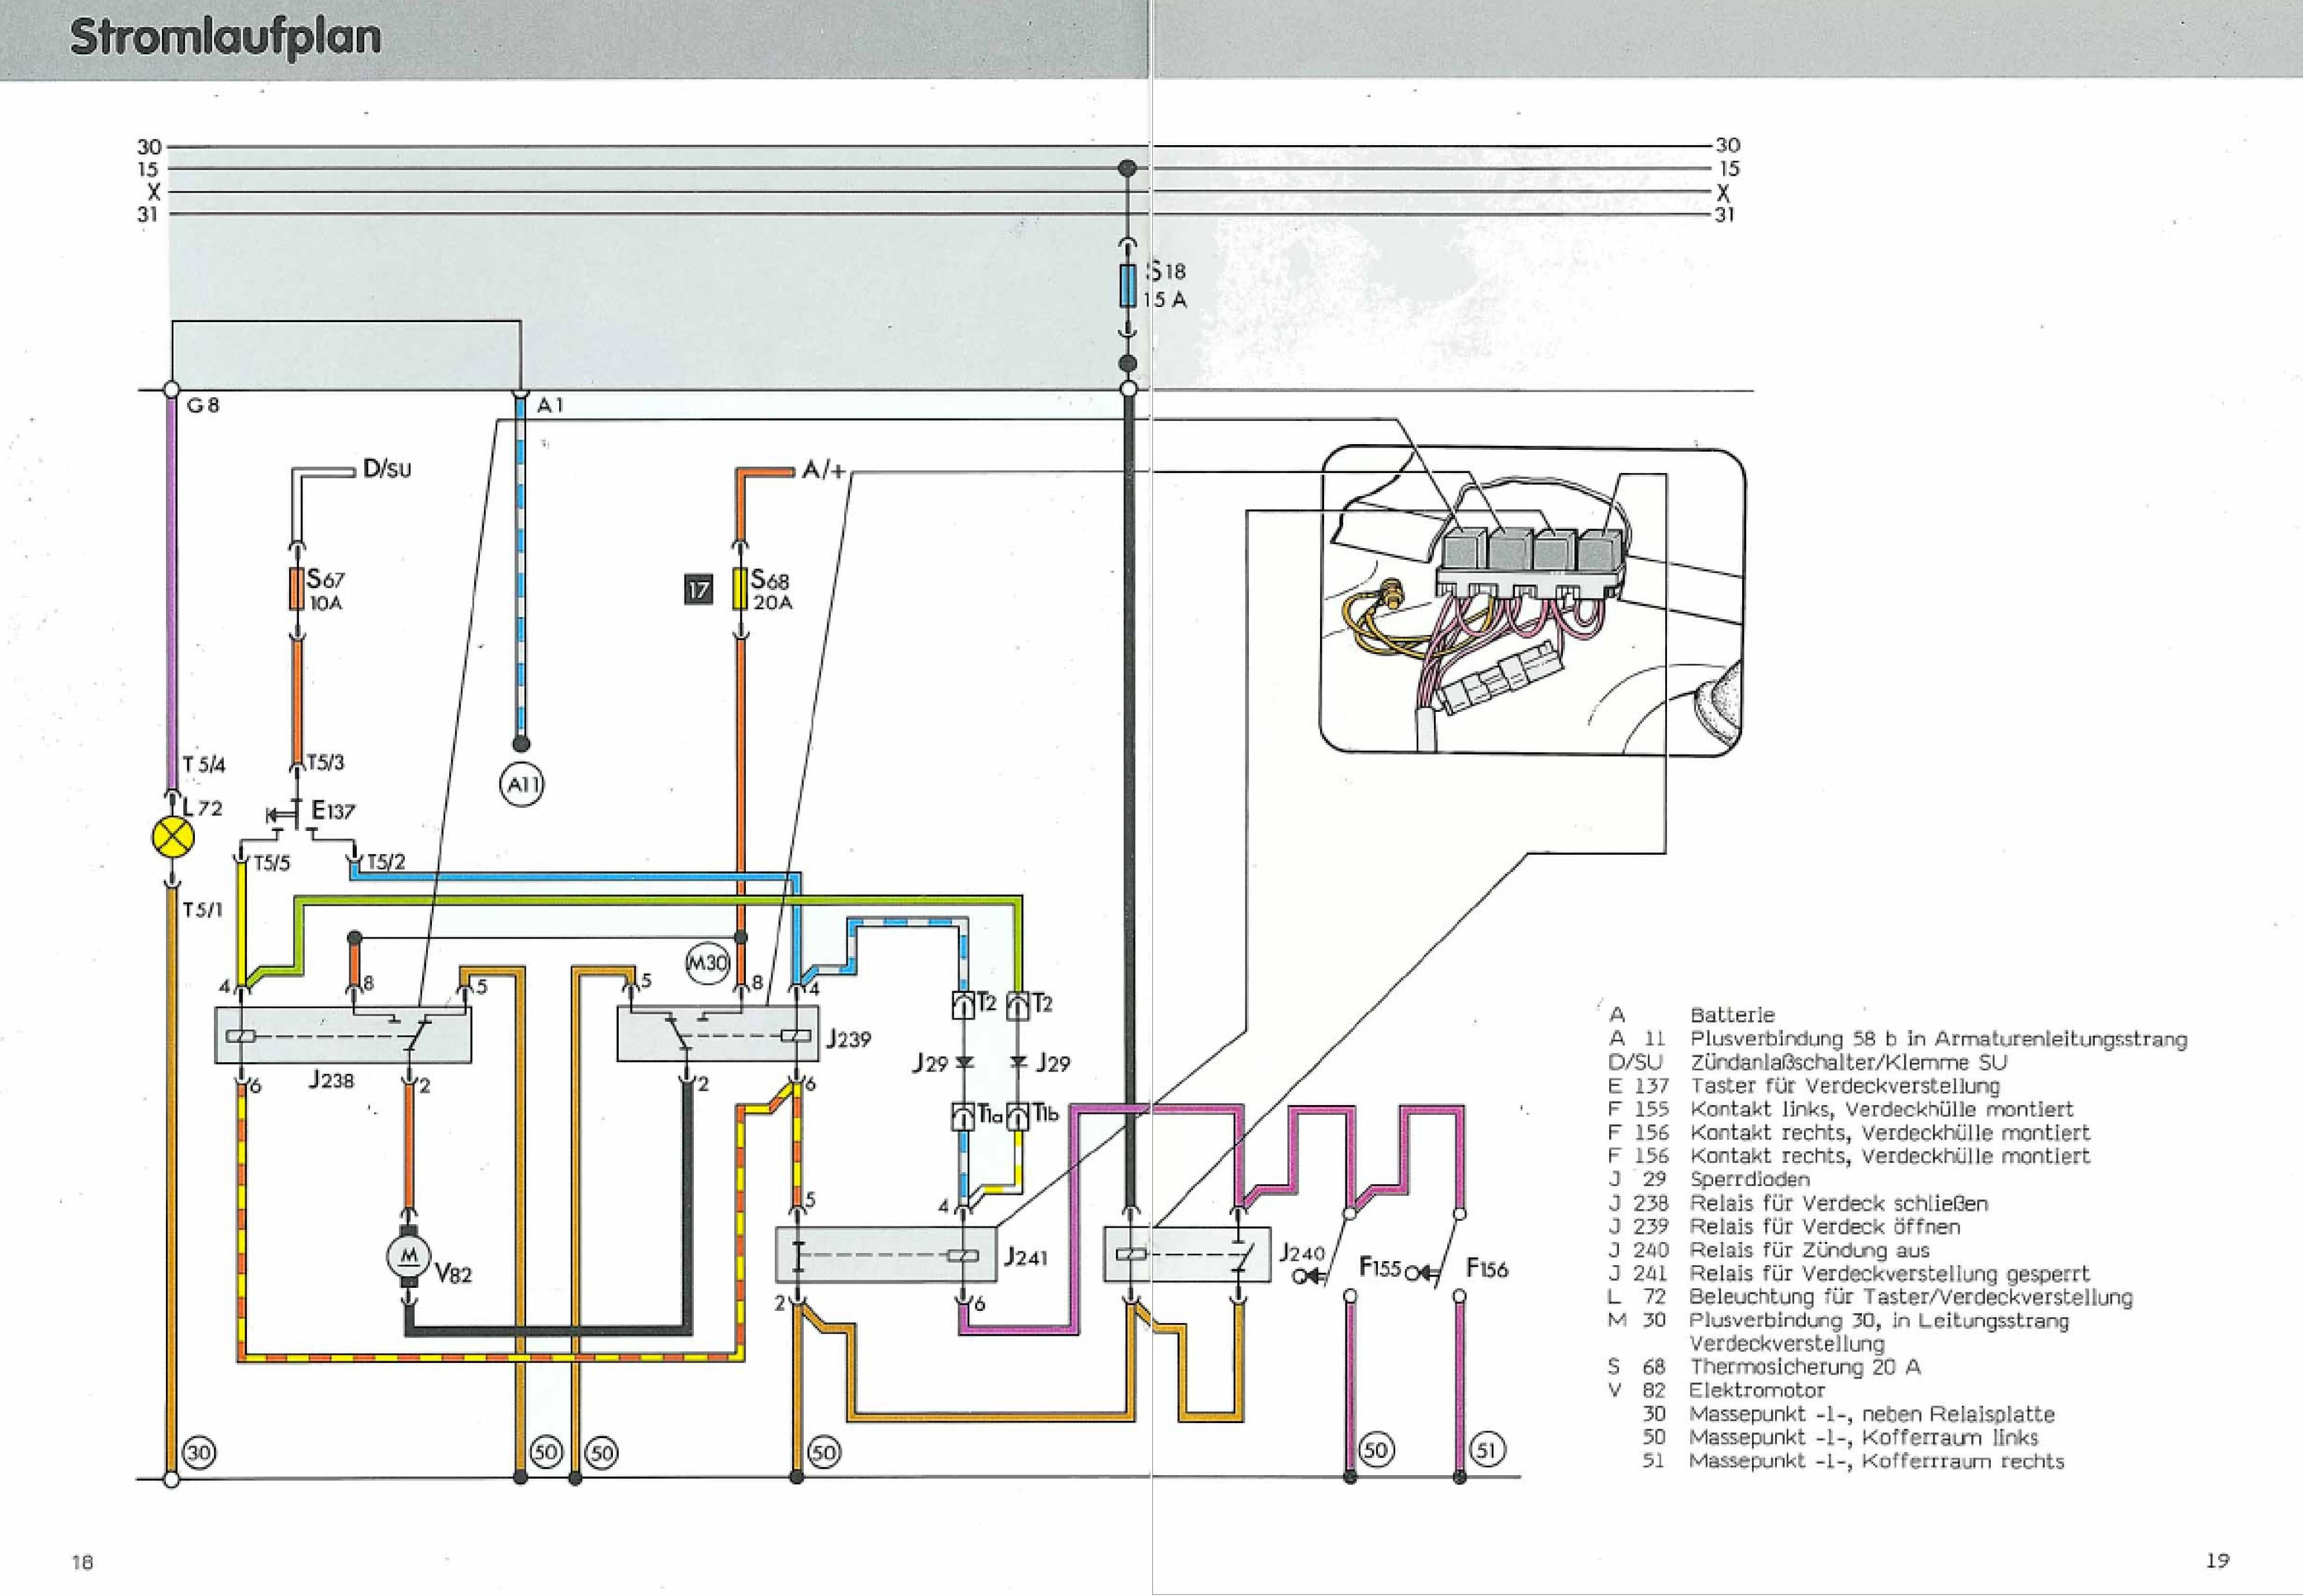 Golf 4 schaltplan beleuchtung wiring diagram golf 4 zentralverriegelung schaltplan pdf wiring diagram verwandte suchanfragen zu. Datei Stromlaufplan E Verdeck Jpg Golf 1 Und Golf Cabrio Wiki